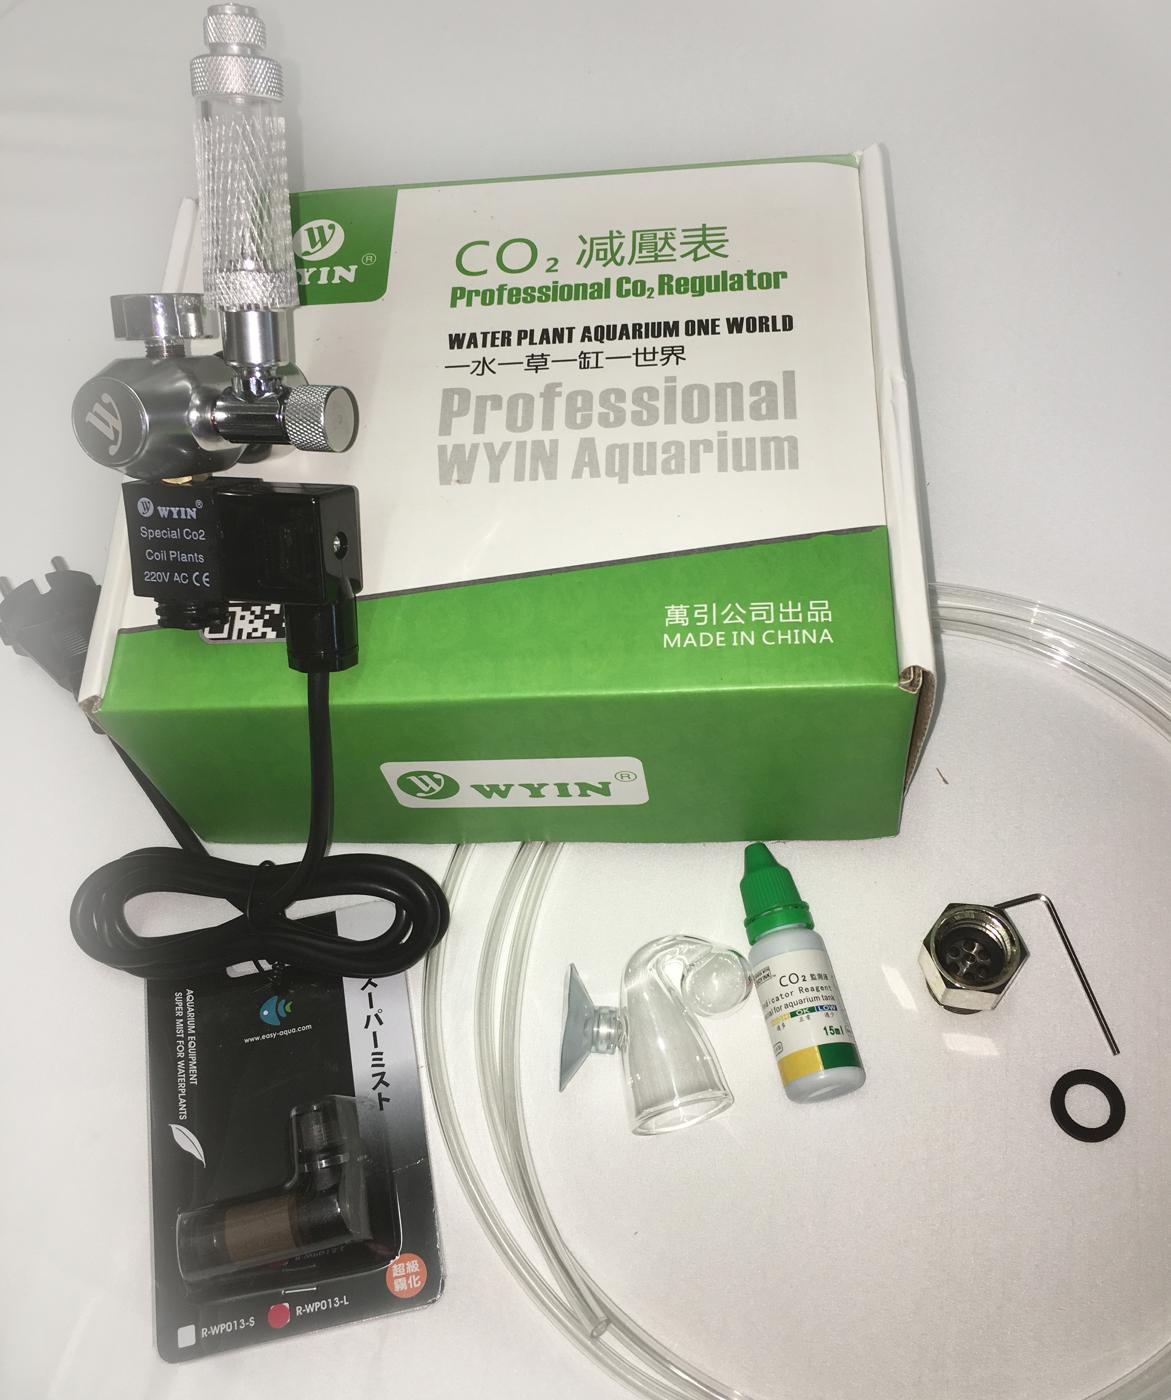 CO2set